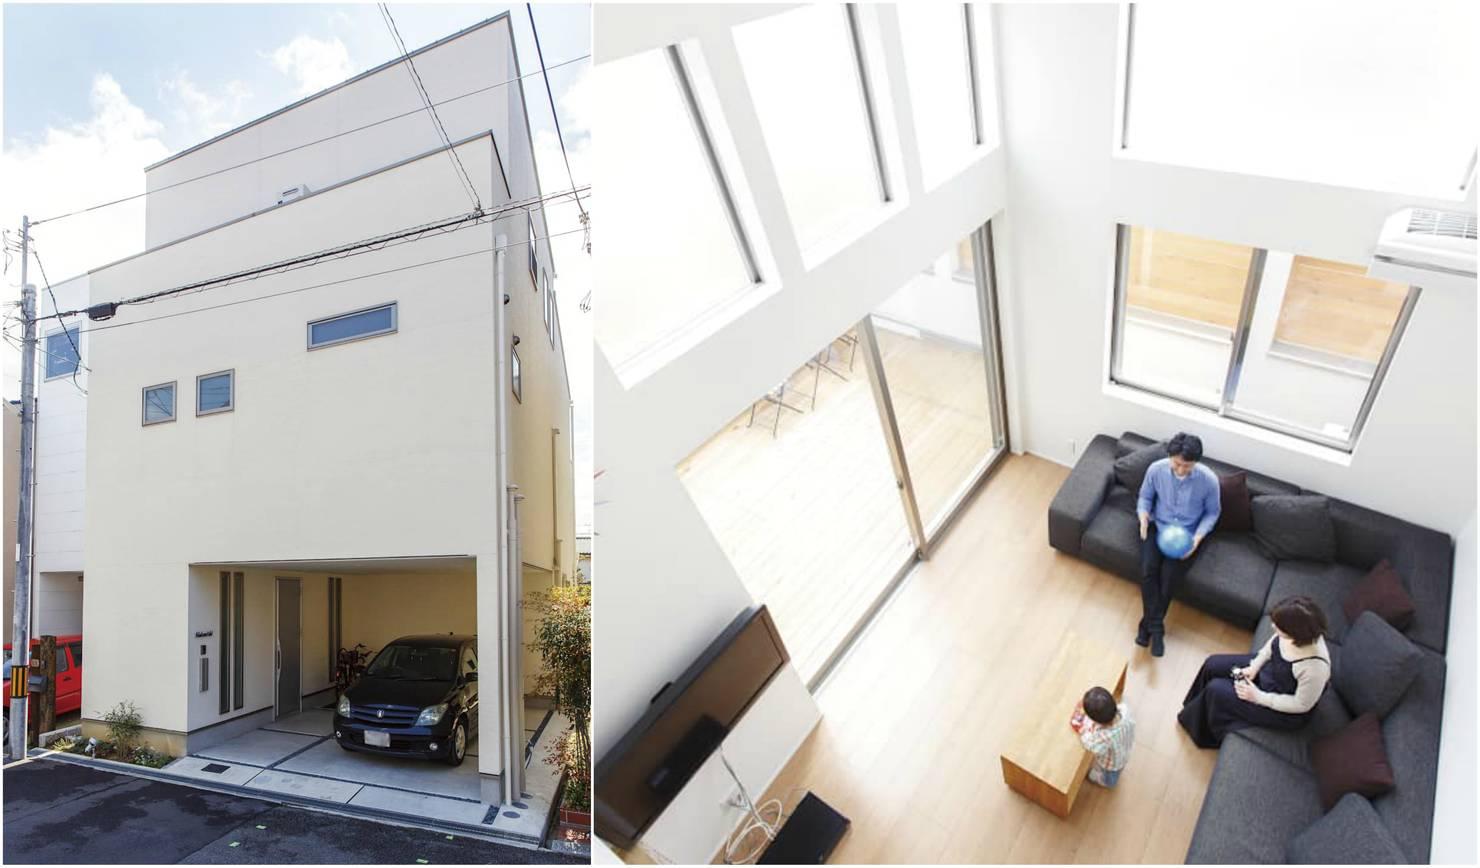 작지만 넓어 보인다, 건축면적 약 18평의 3층 주택